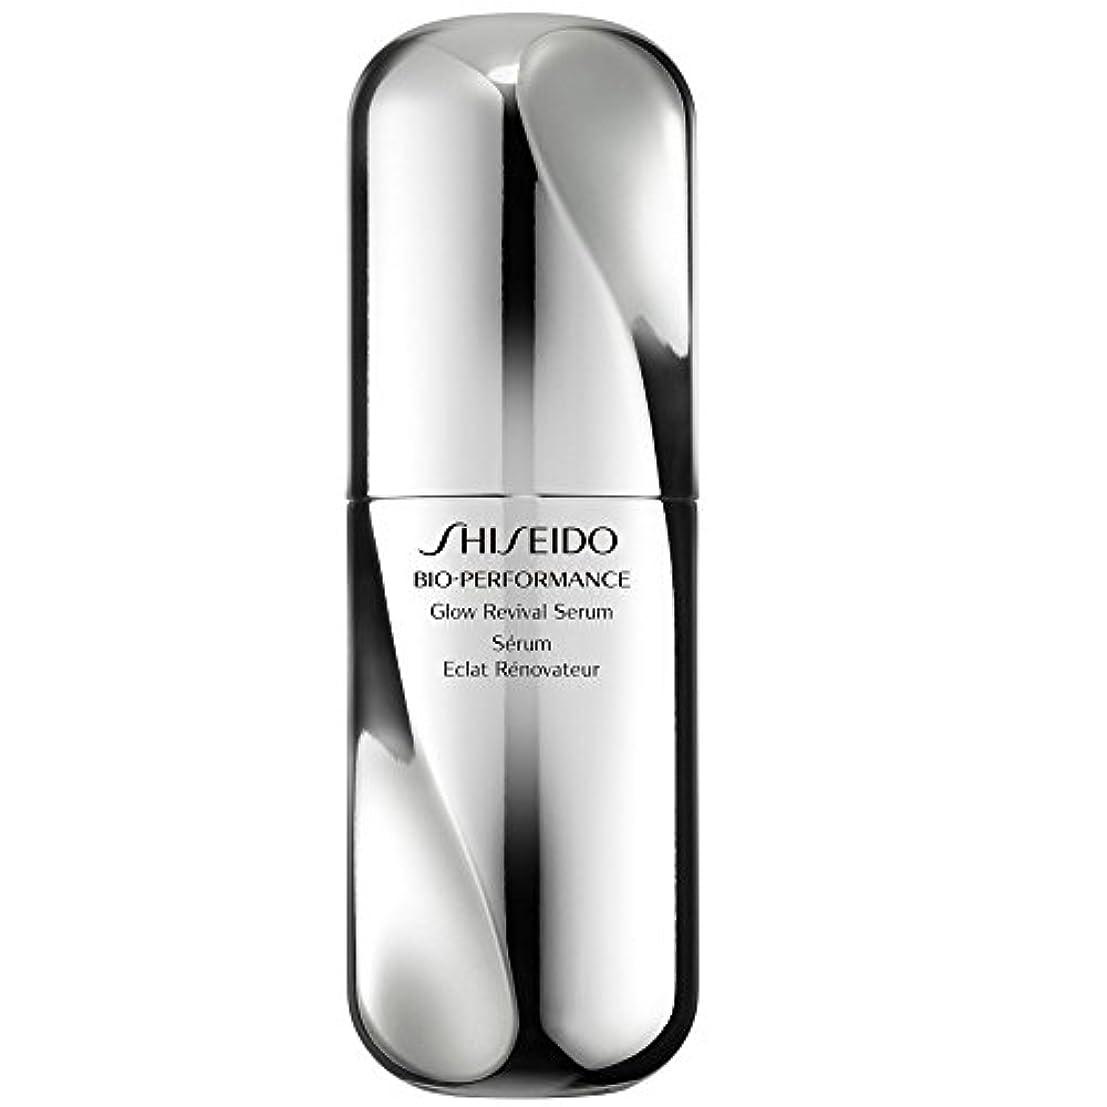 革新回転させる表現[Shiseido] 資生堂バイオパフォーマンスグロー復活セラム30Ml - Shiseido Bio-Performance Glow Revival Serum 30ml [並行輸入品]